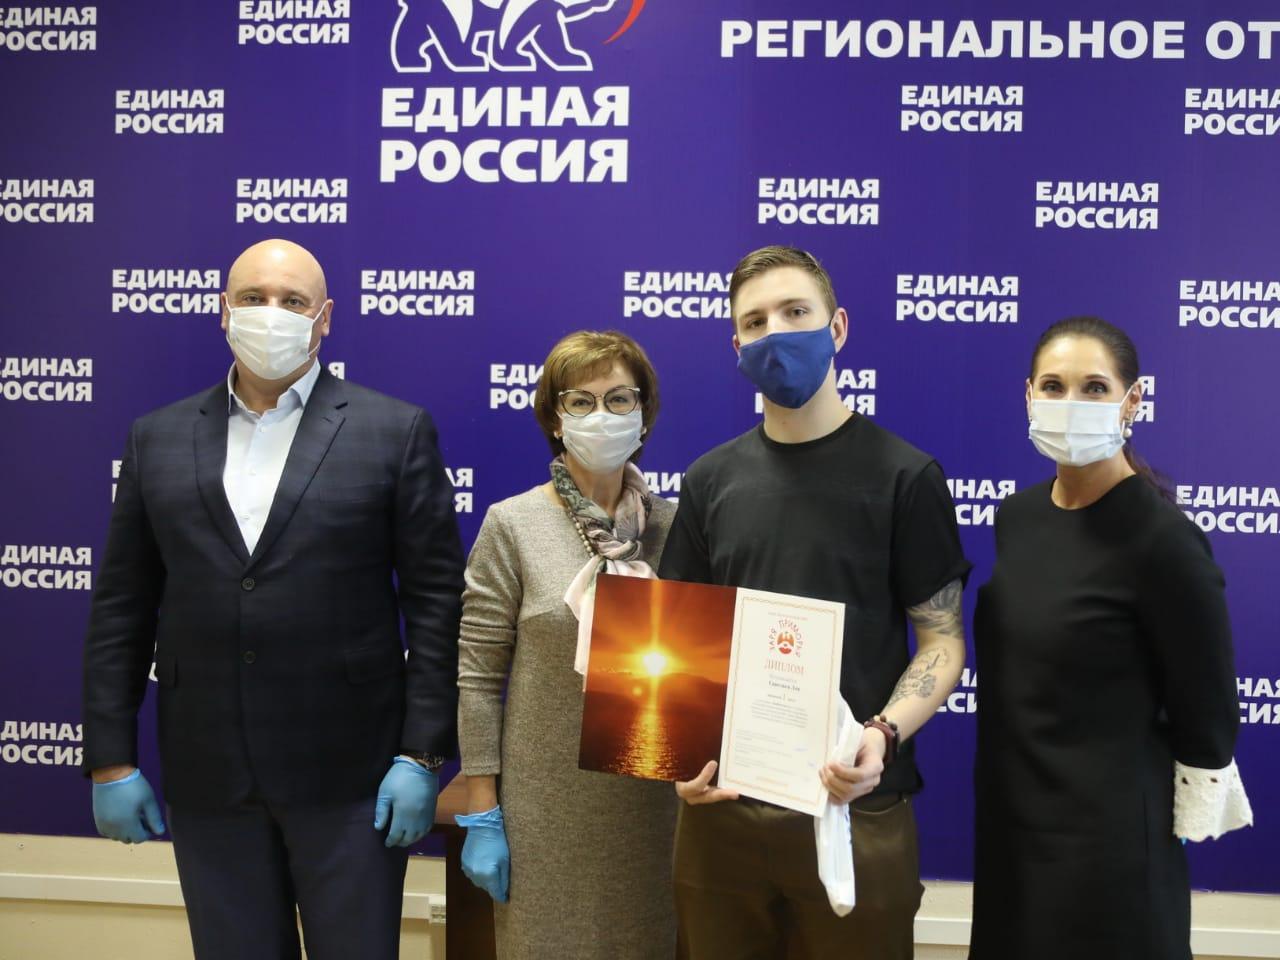 Конкурс «Заря Приморья» награждает победителей первого «Предварительного рейтингового голосования»